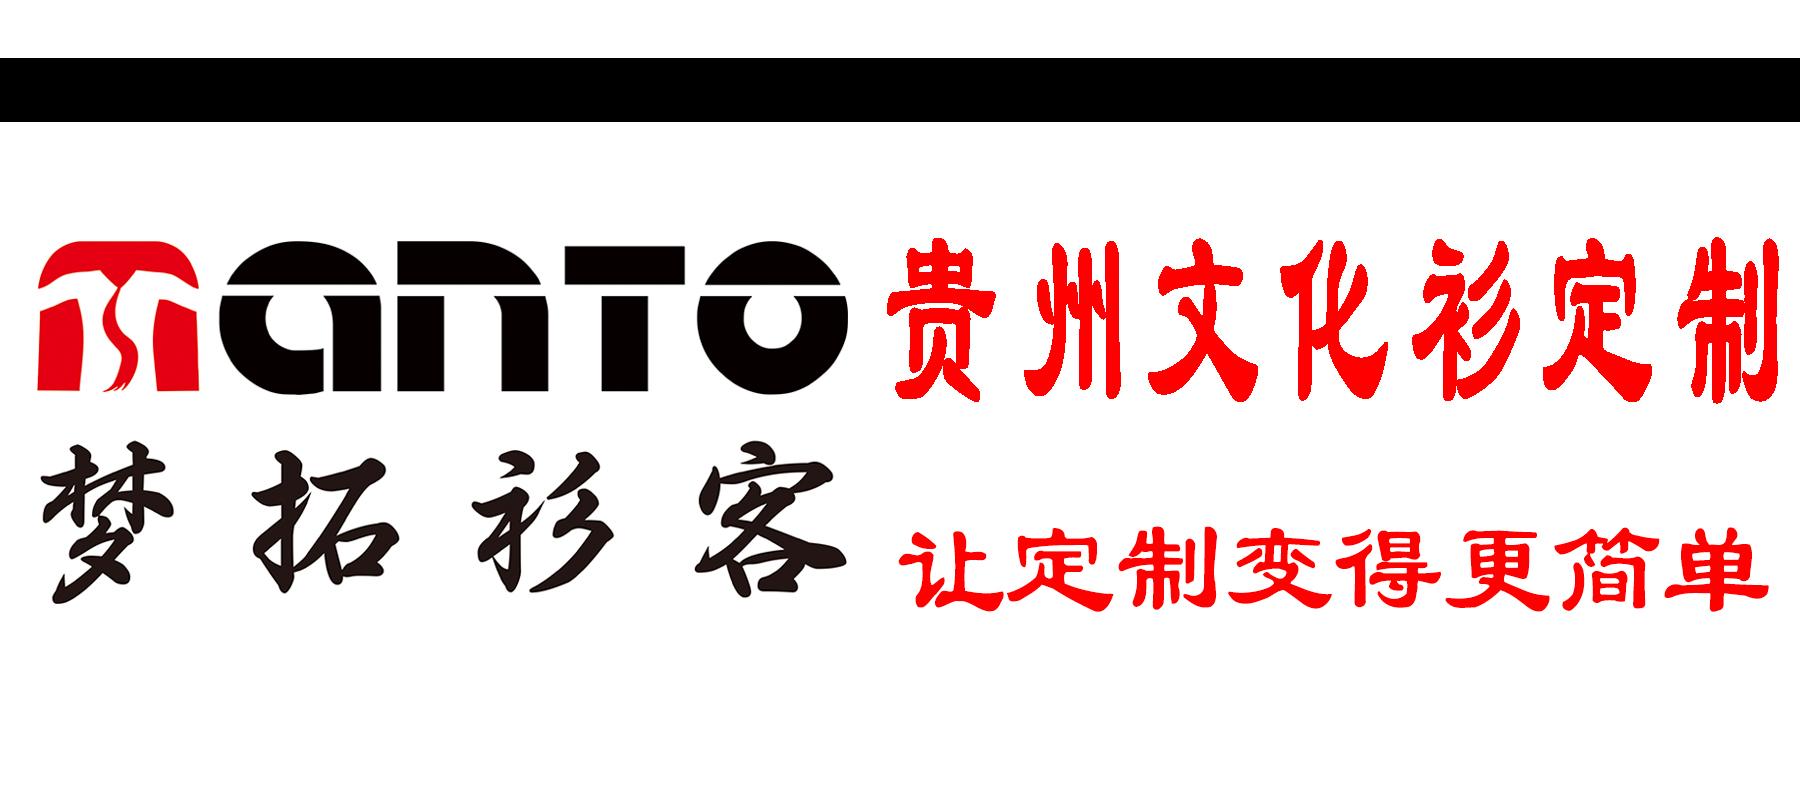 貴州夢拓創意圖文設計有限公司